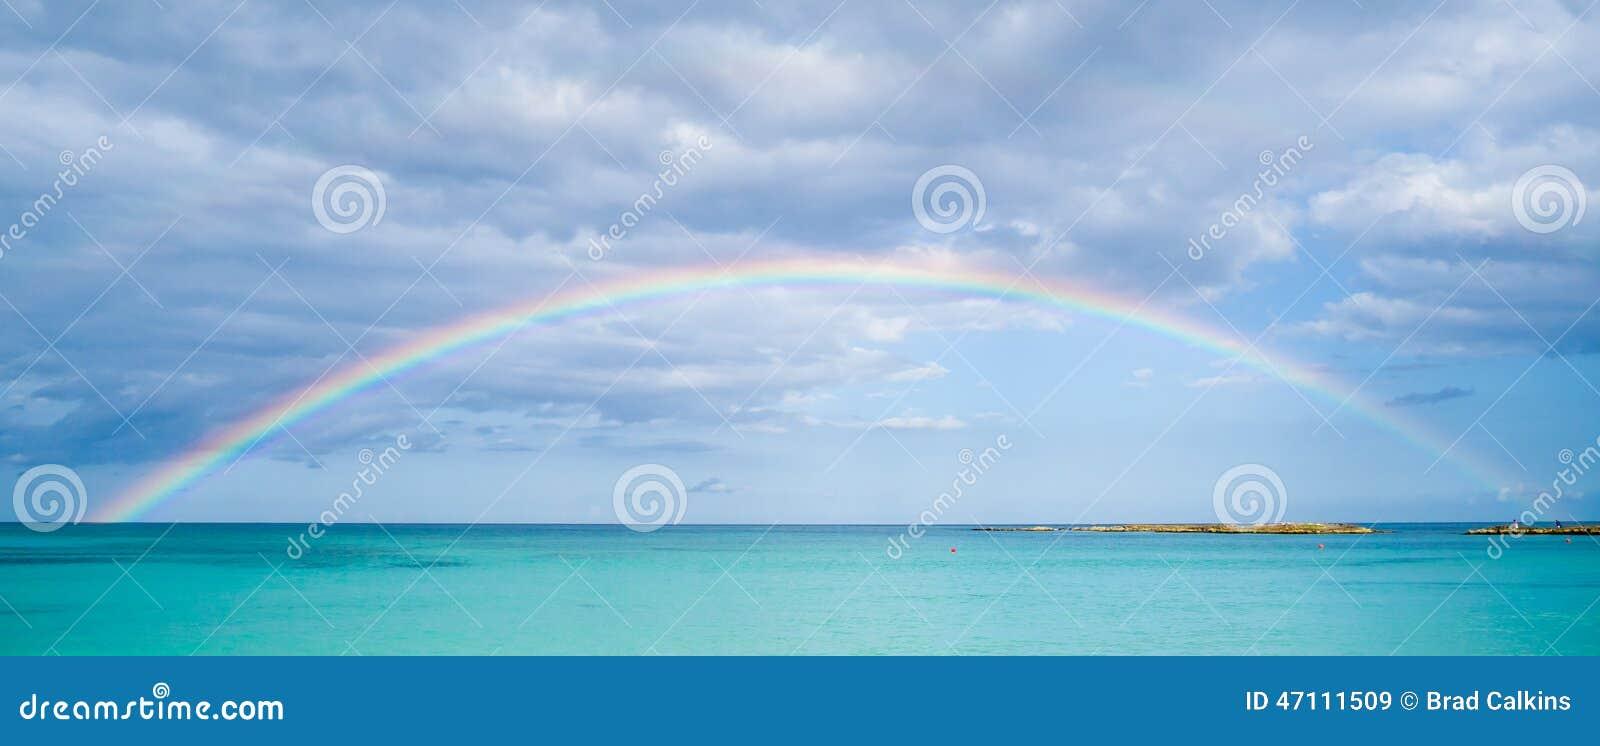 Regenboog over oceaan